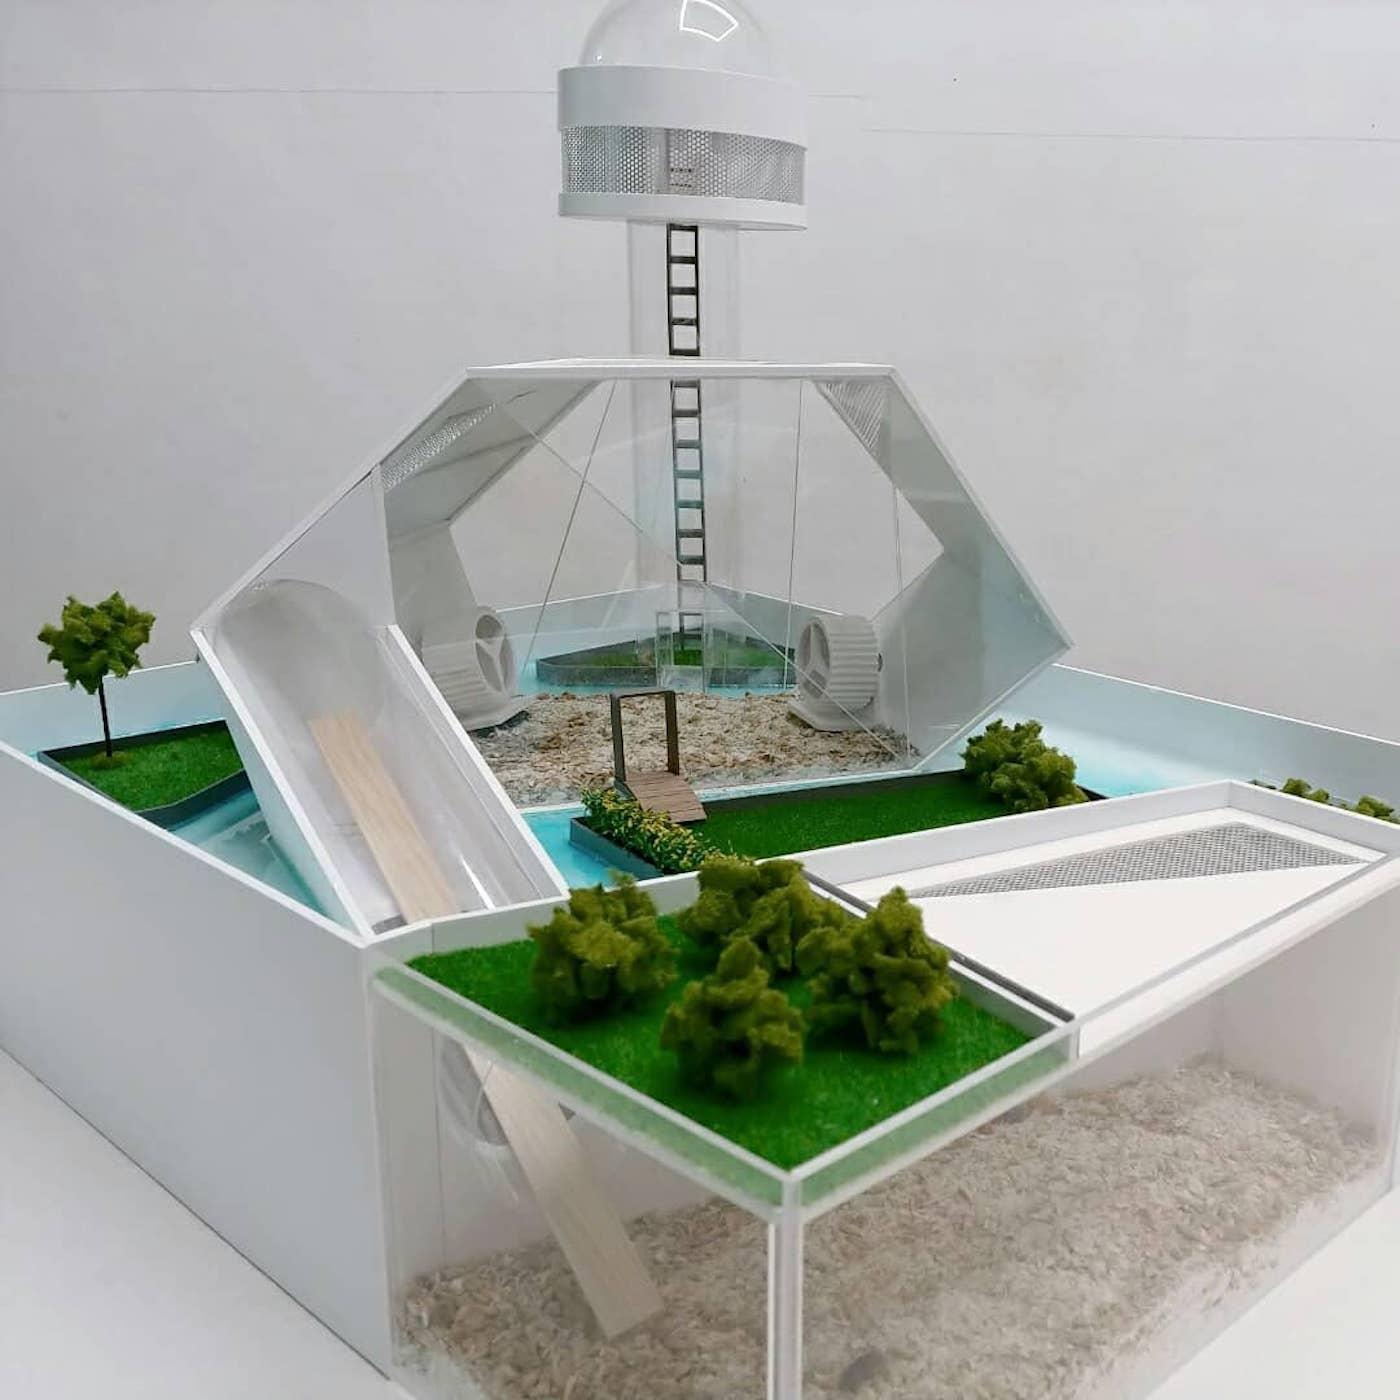 villas-hamsters-luxe-zit-studio-9